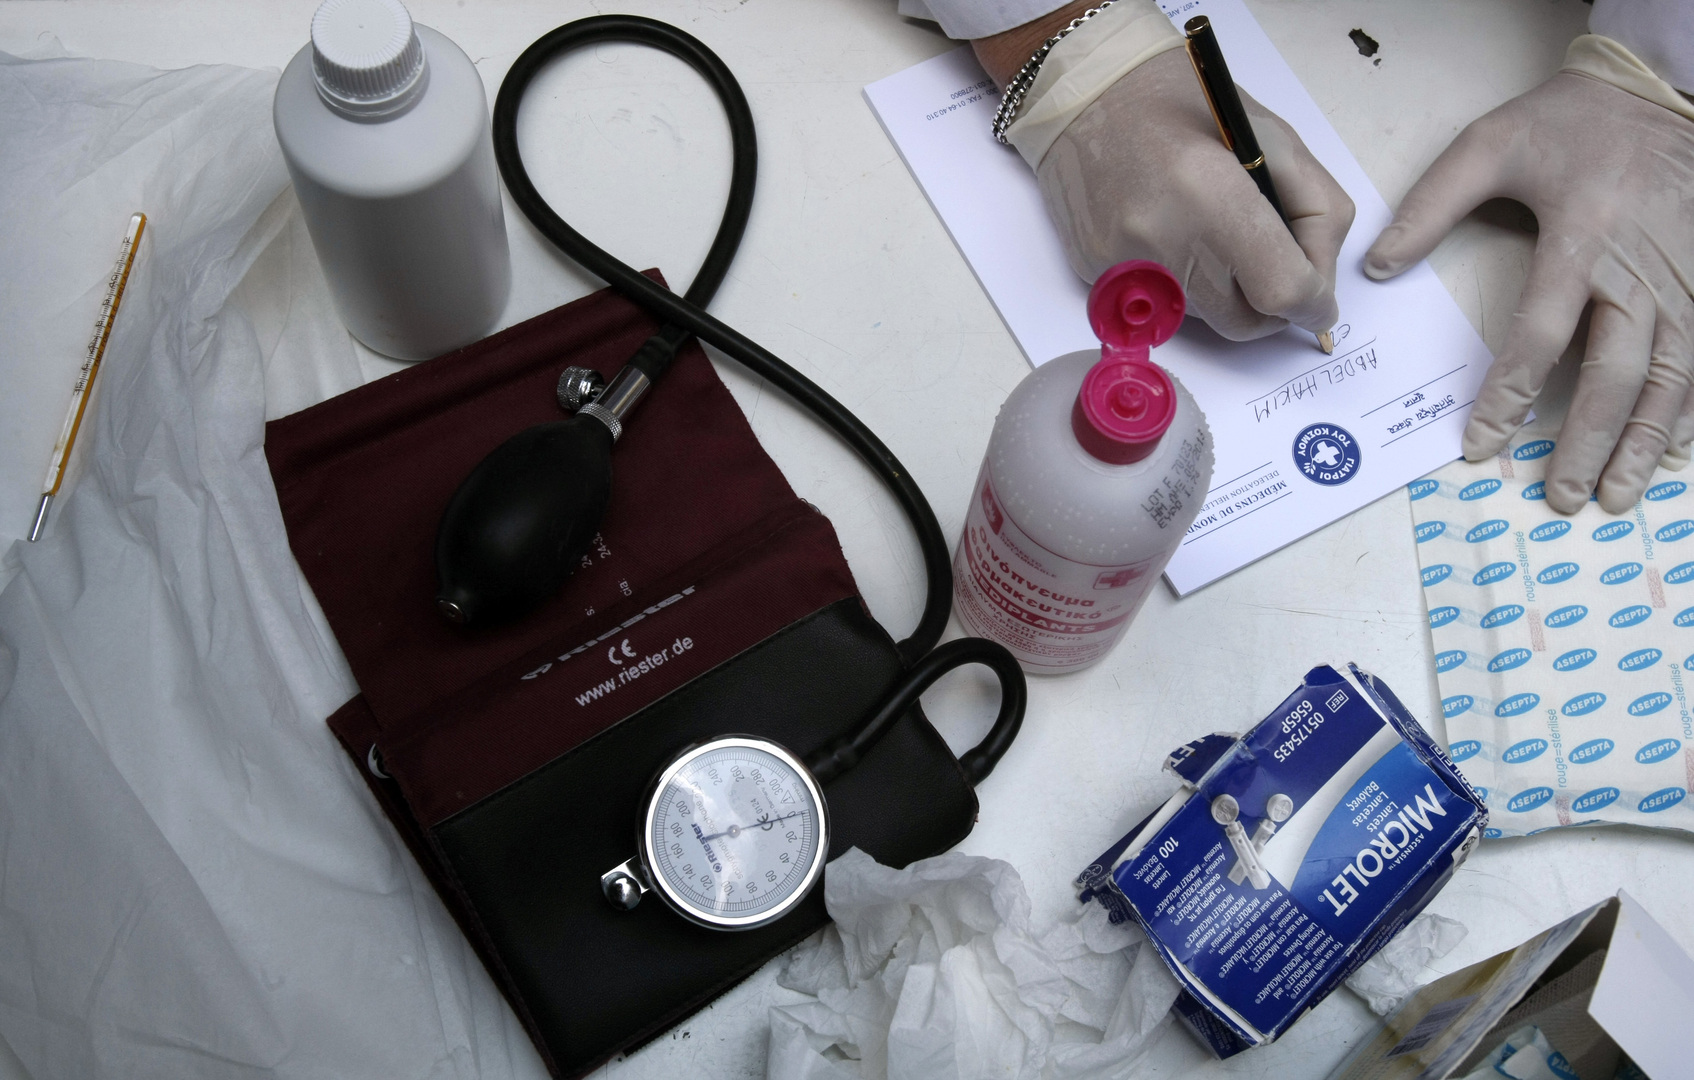 قانون جديد في المغرب يلزم الأطباء بكتابة وصفاتهم العلاجية بخط واضح